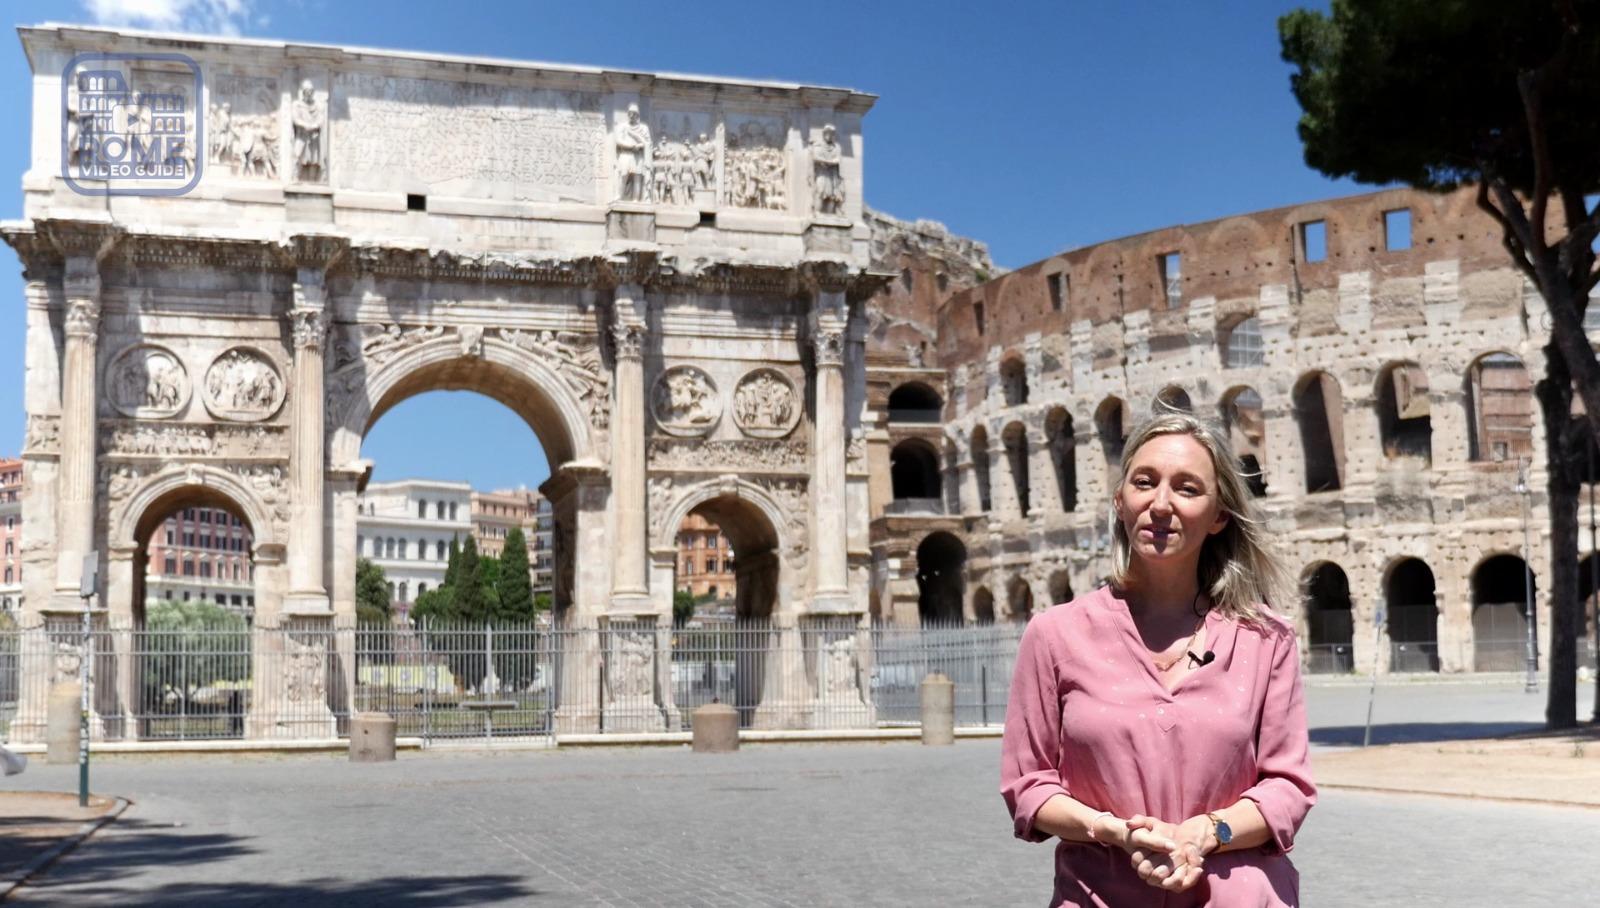 Arc de Constantin - Peggy - RomeVideoGuide.com